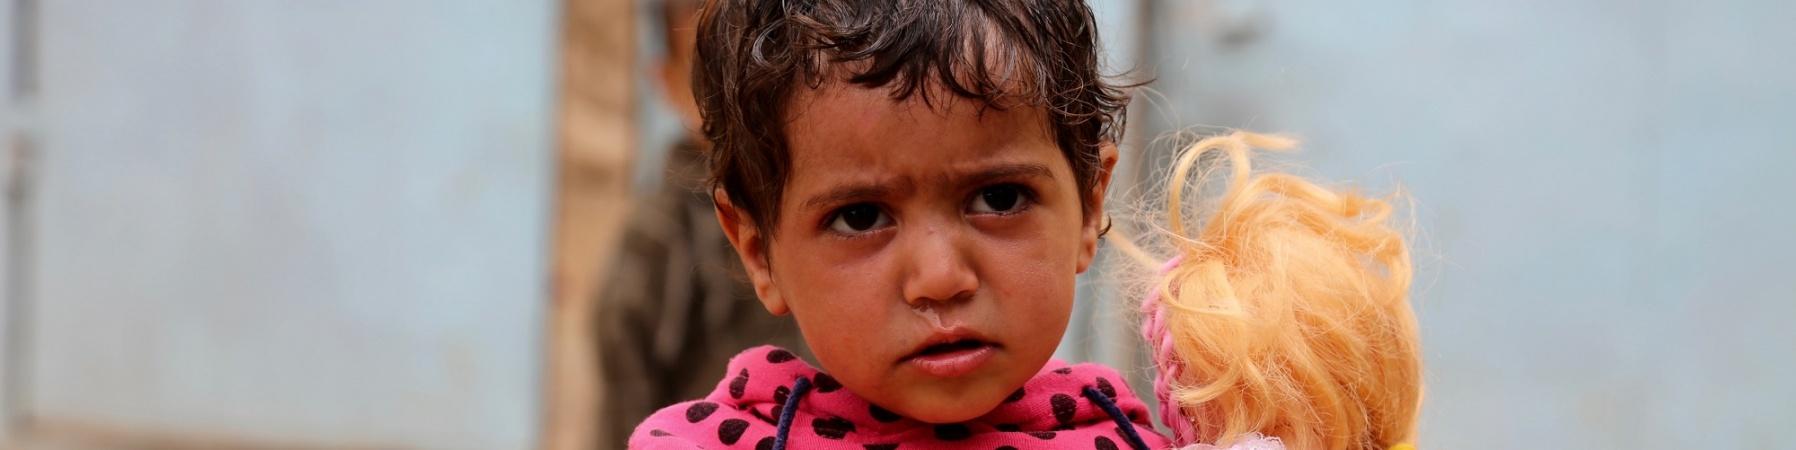 Bambina Yemen